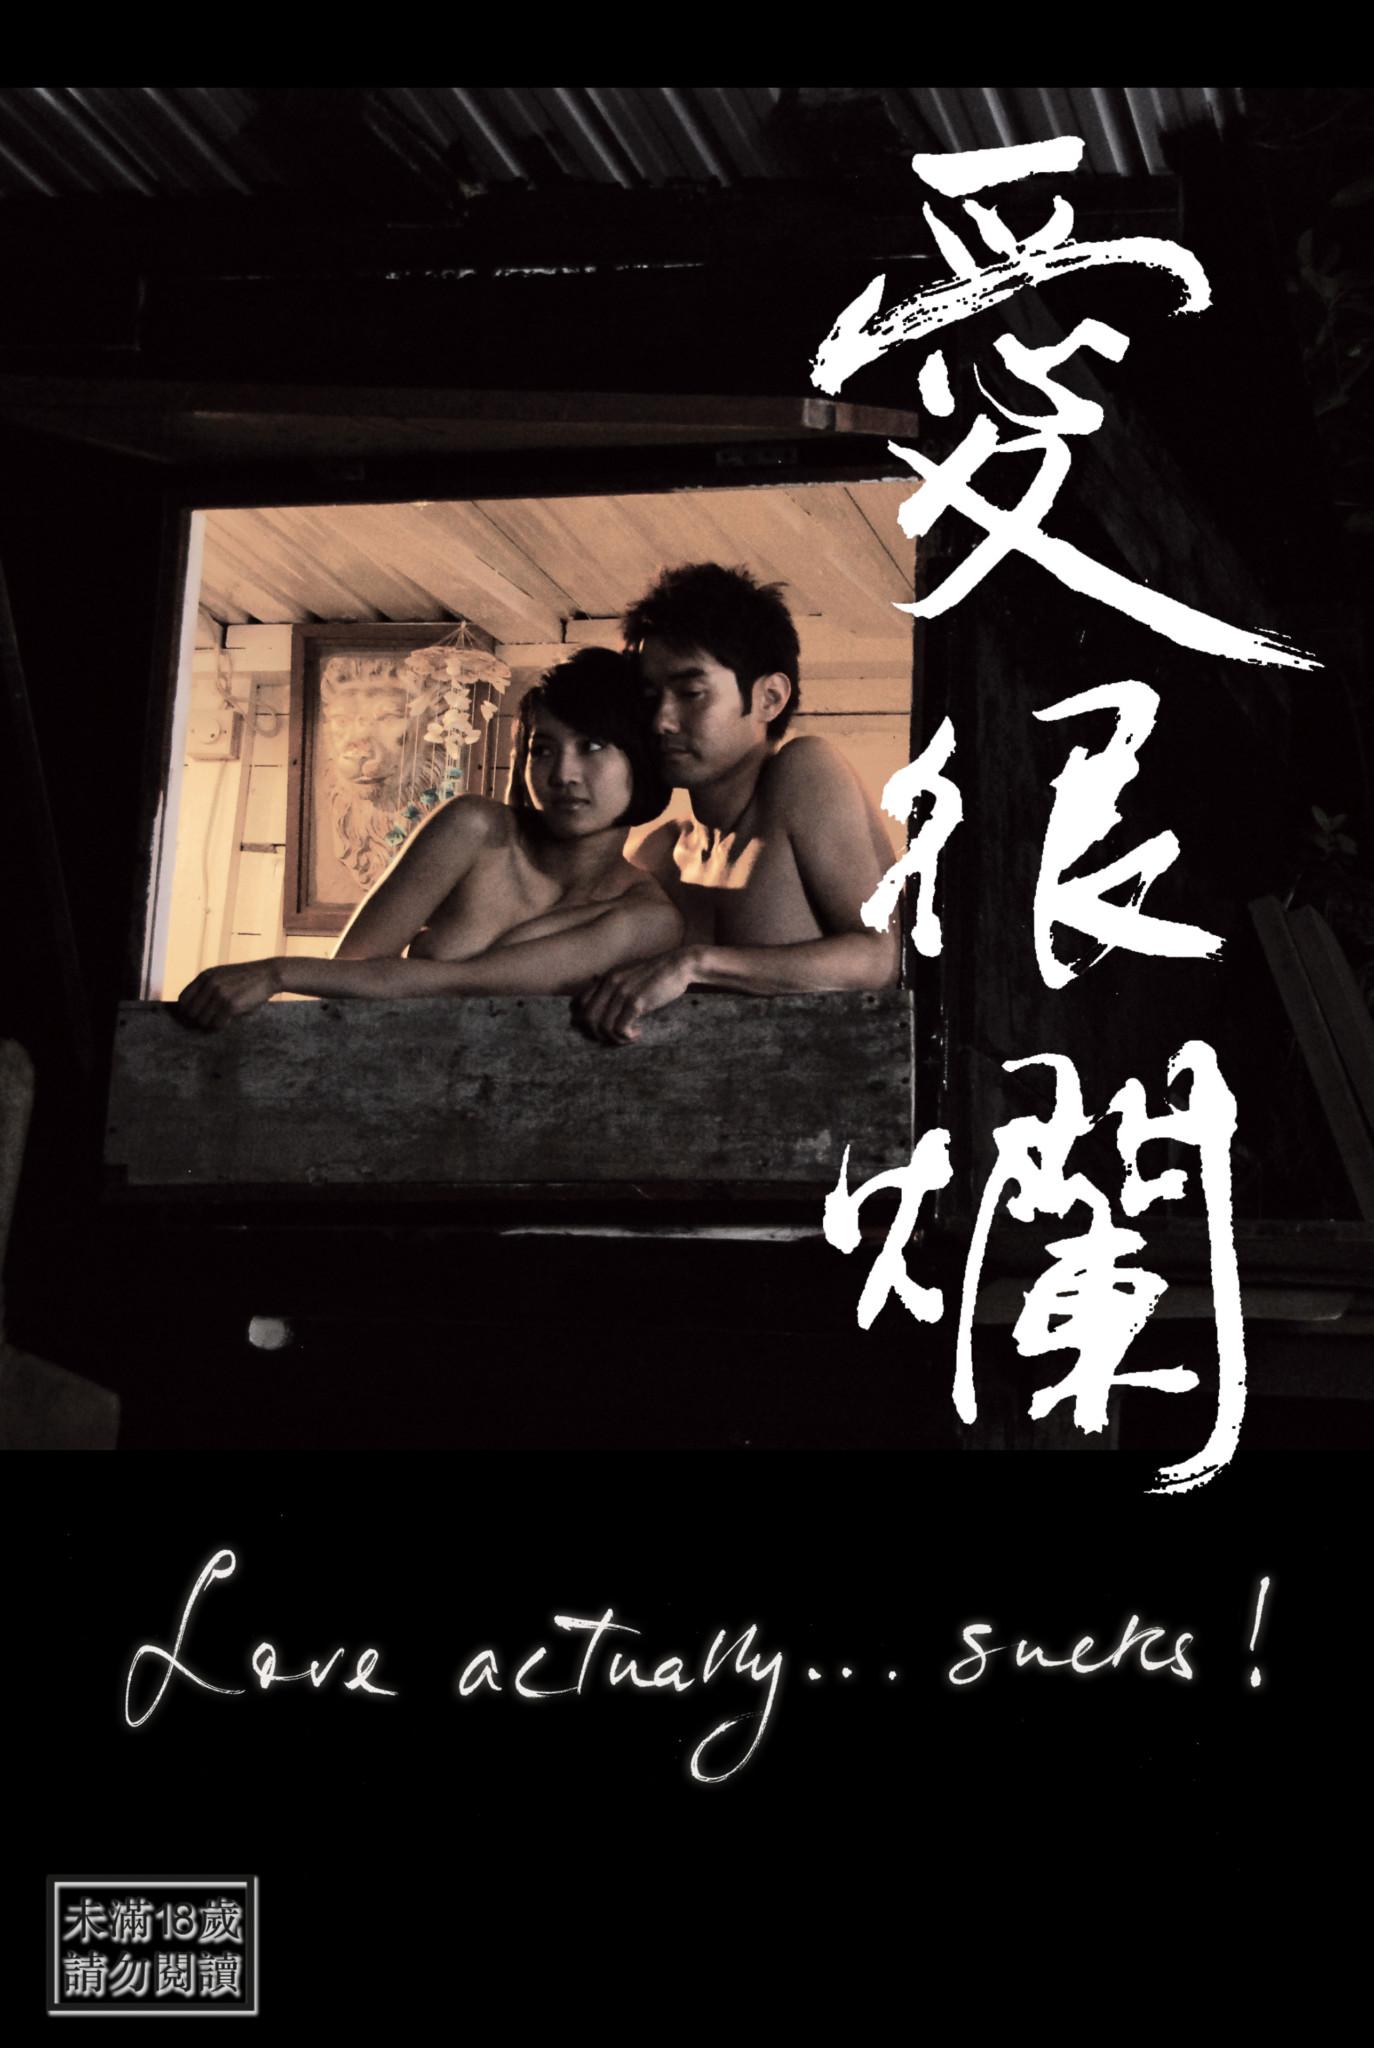 愛很爛 | [組圖+影片] 的最新詳盡資料** (必看!!) - www.go2tutor.com